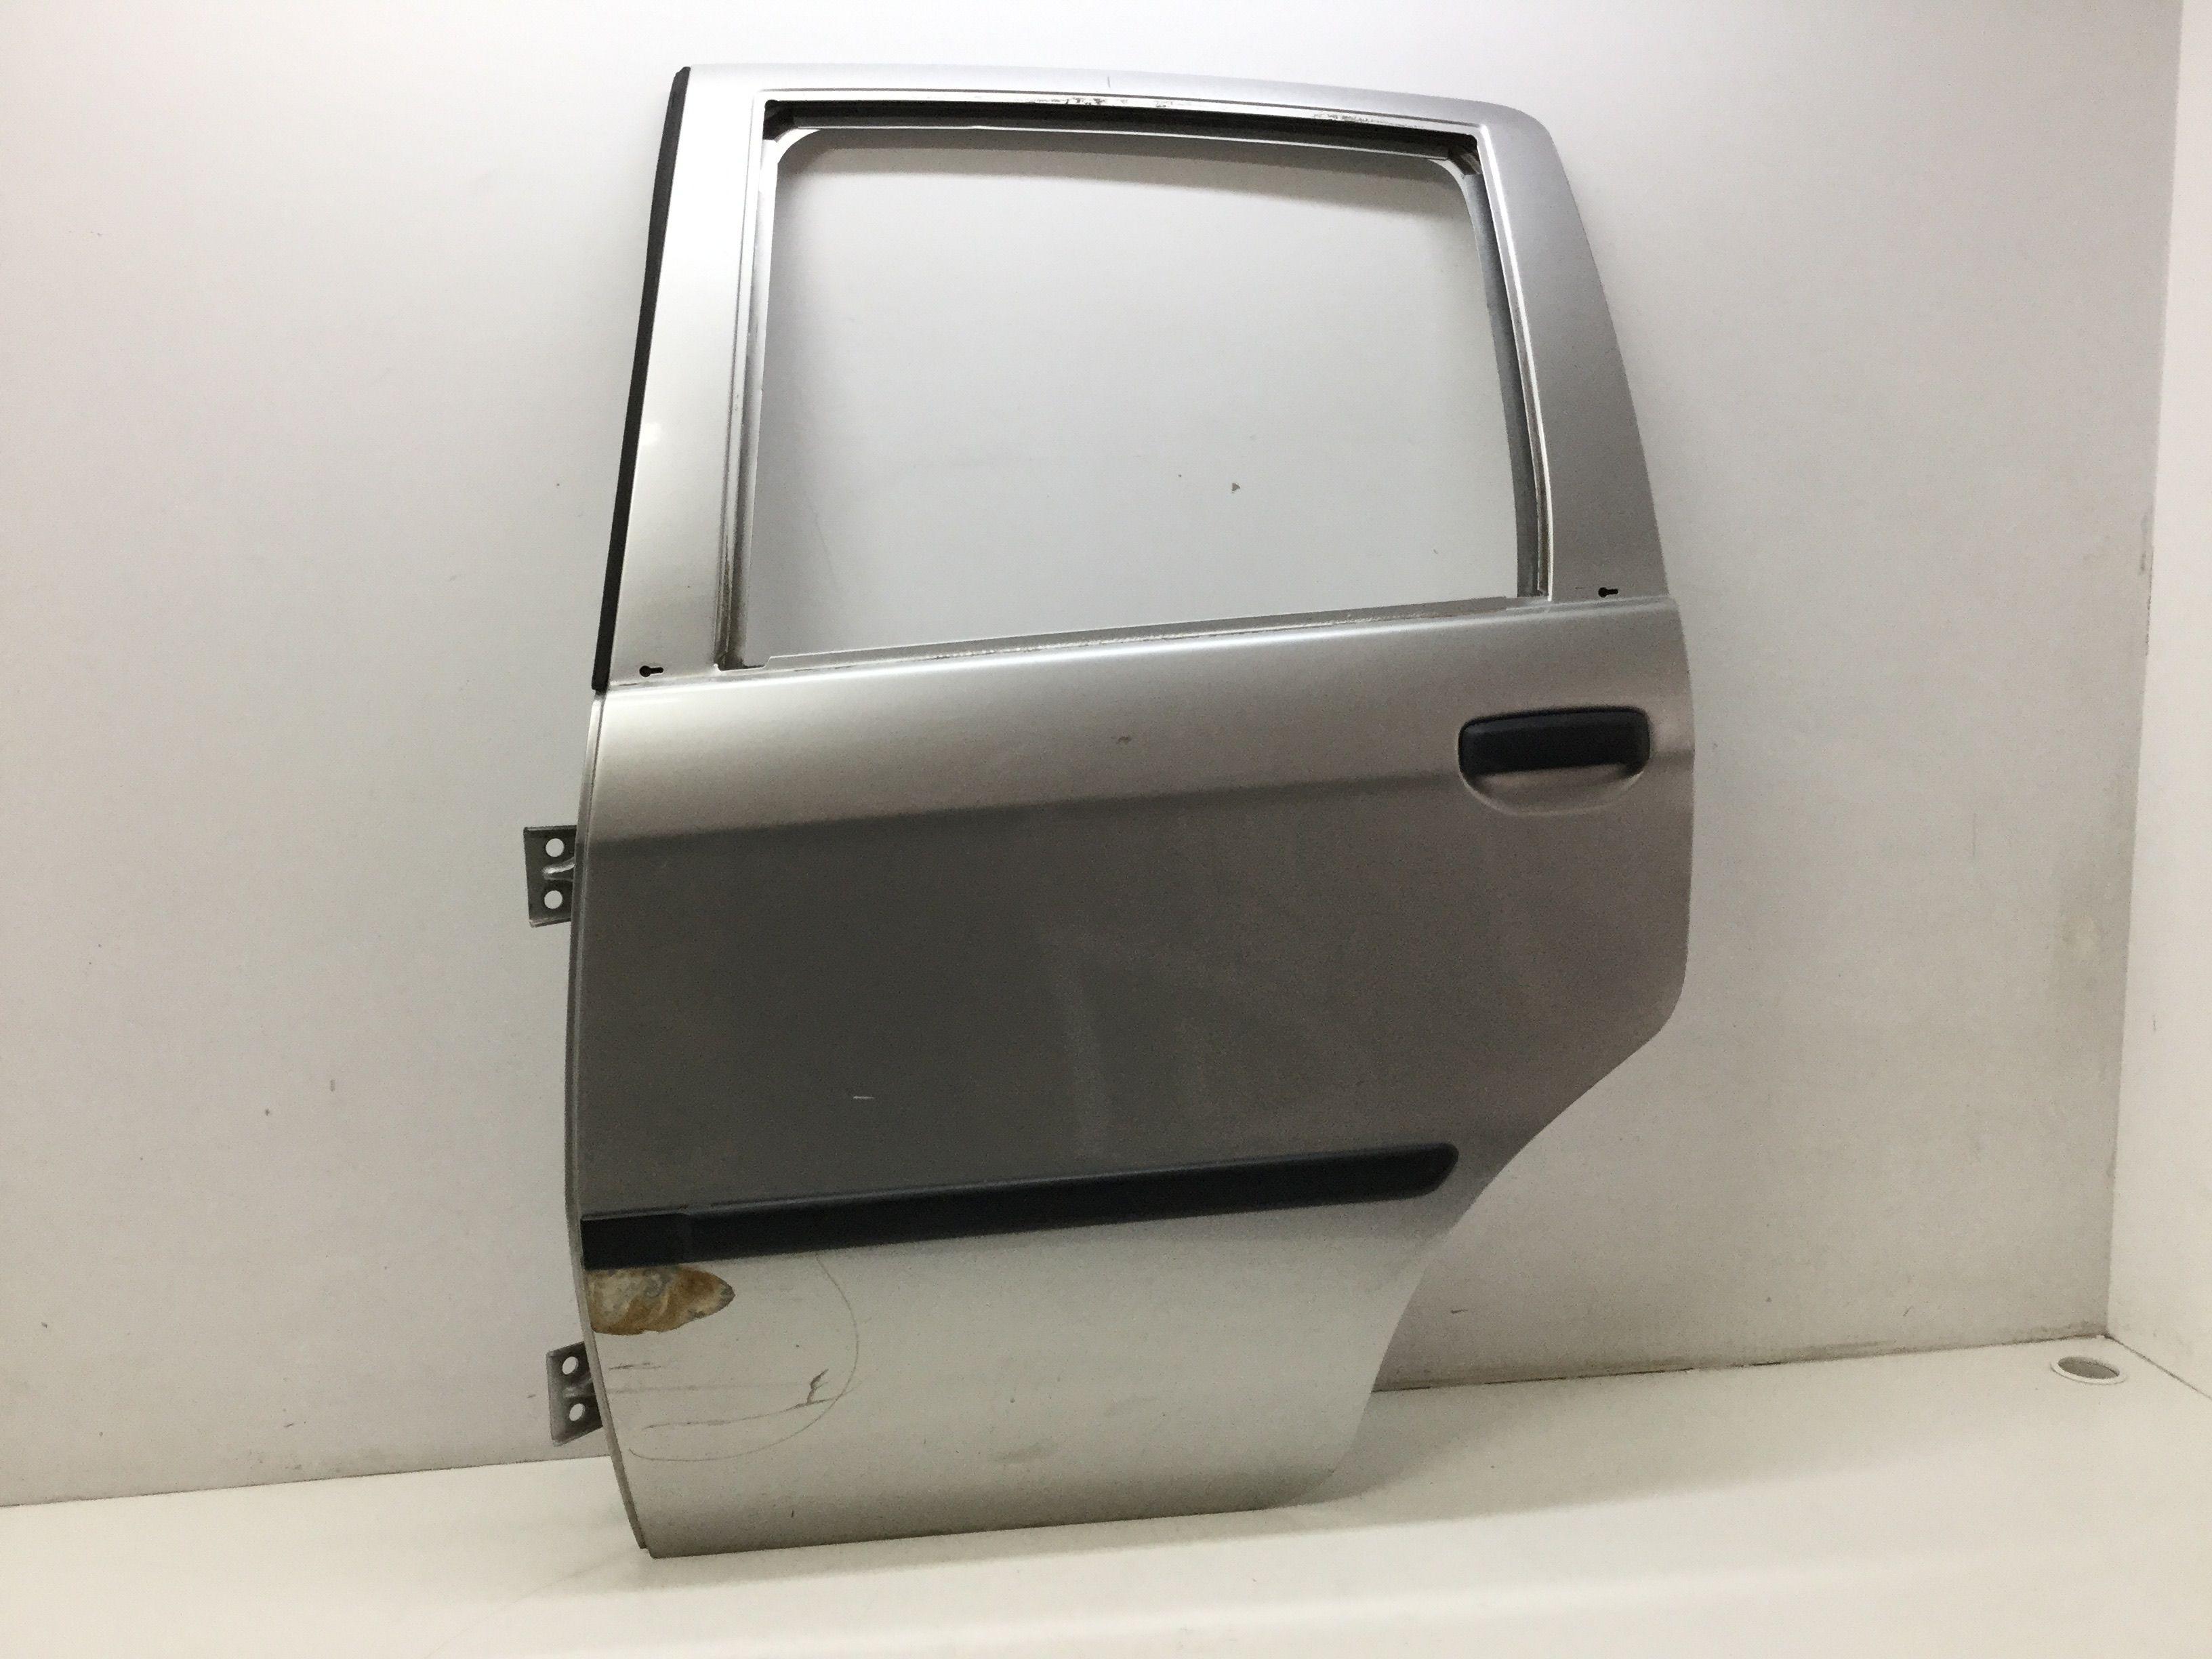 PORTIERA POSTERIORE SINISTRA FIAT Idea 2° Serie 1248 Diesel 188A9000 51 Kw (2005) RICAMBI USATI